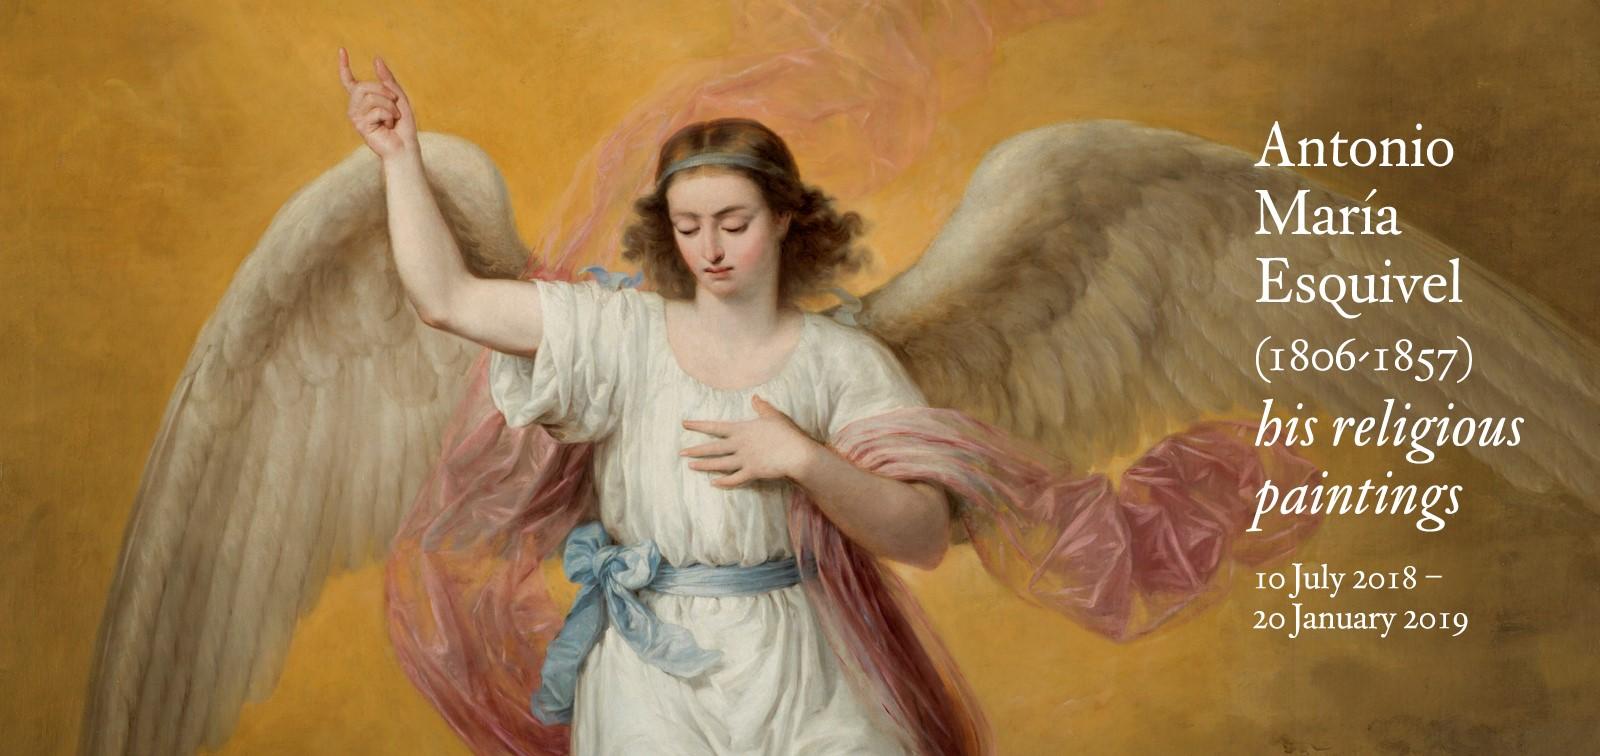 Exhibition. Antonio María Esquivel (1806-1857), his religious paintings